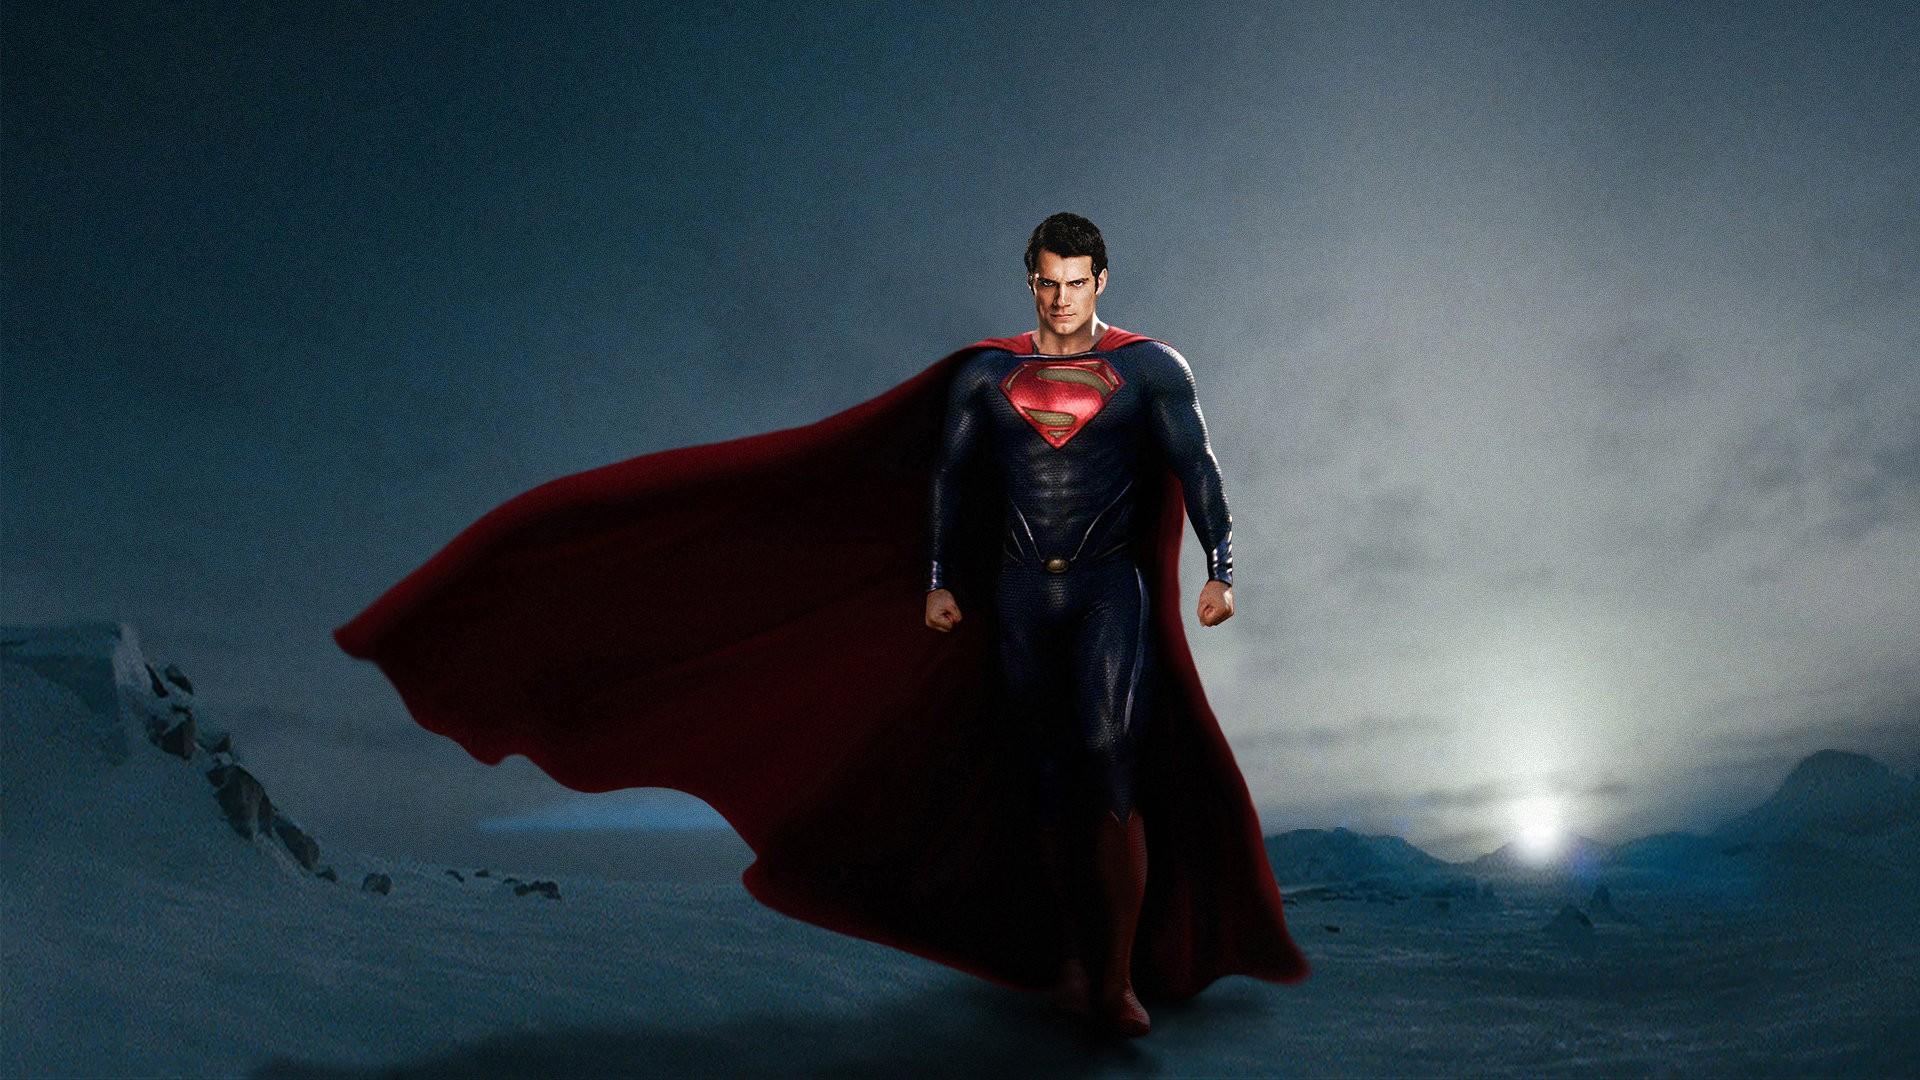 fond d'écran: superman dans man de steel